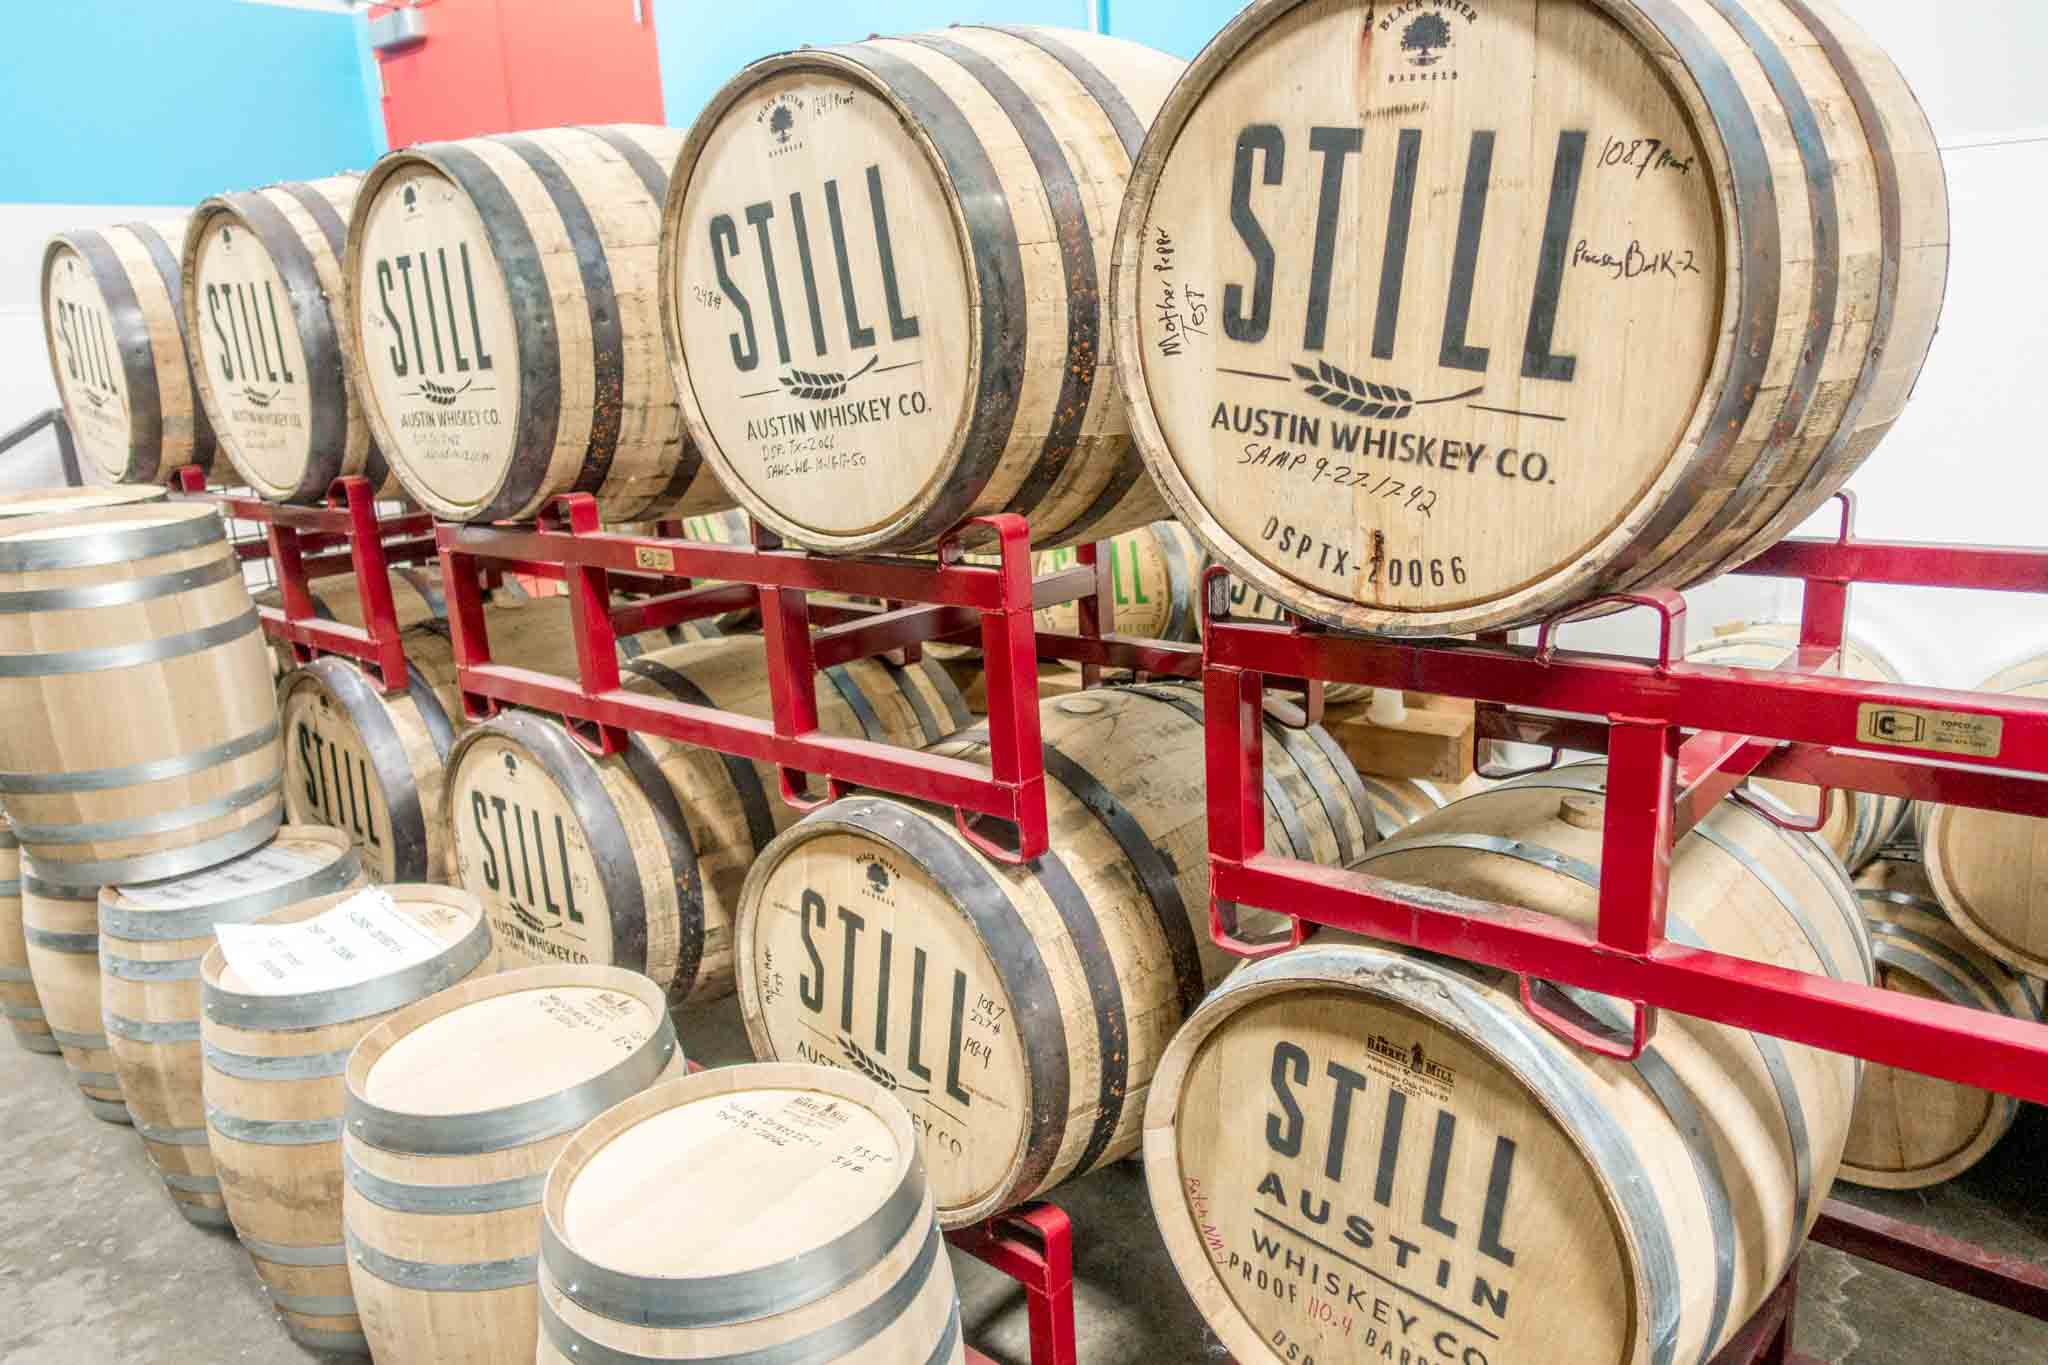 Whiskey barrels at Still Austin